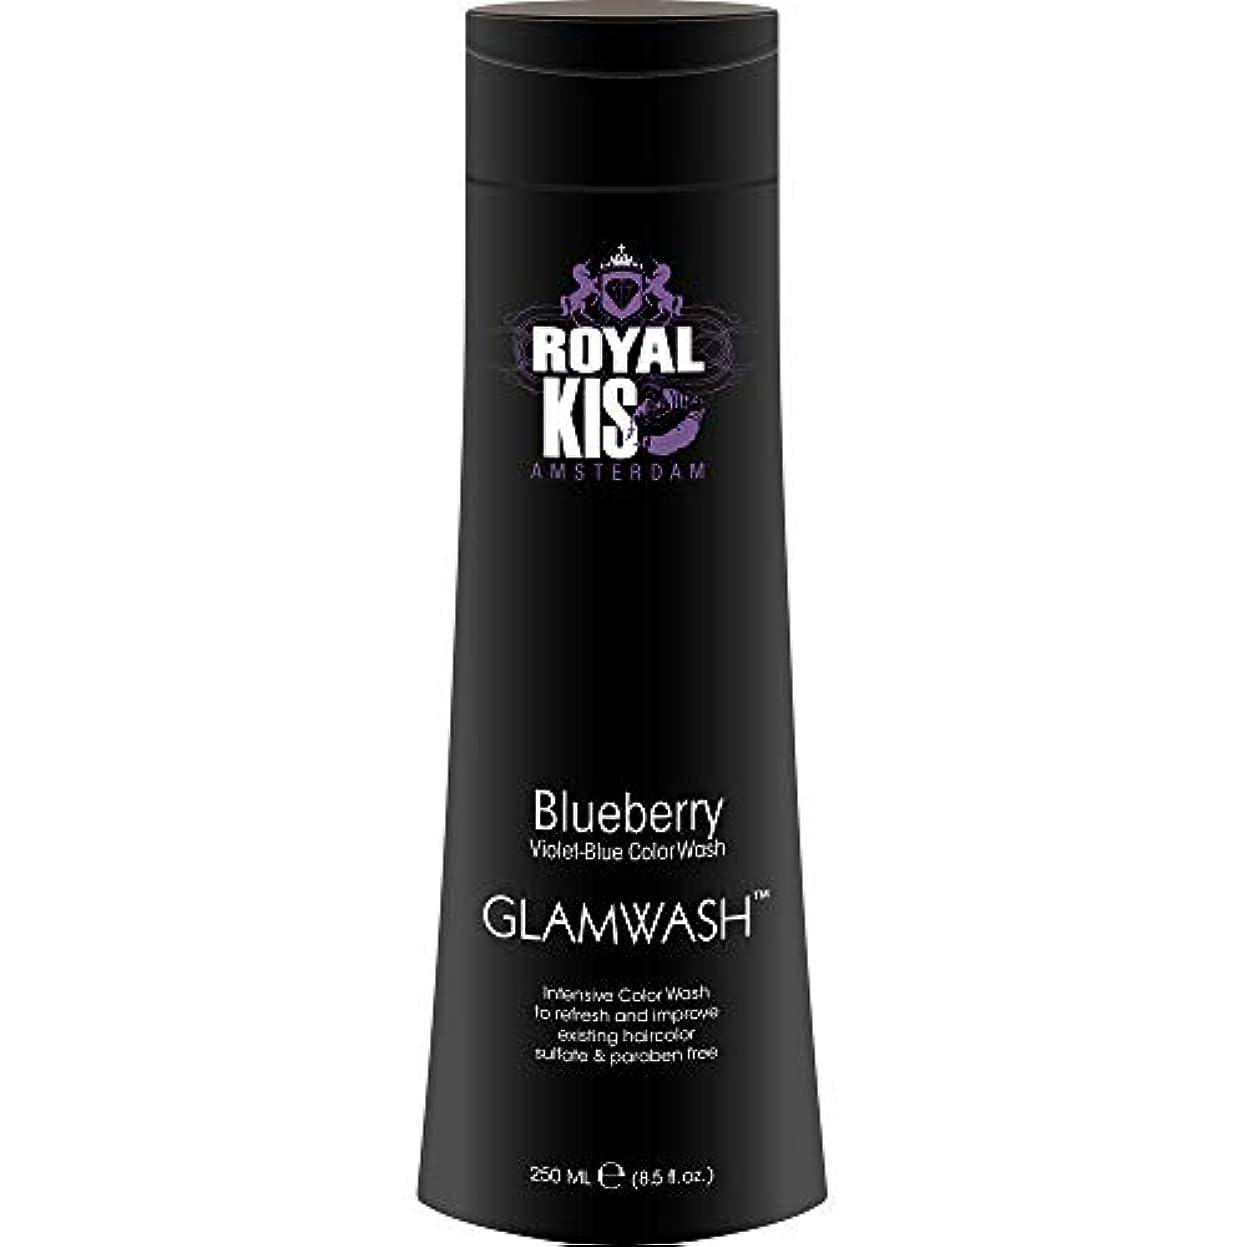 比較的必要性神学校Kappers Kis GlamWash ブルーベリー(バイオレット)-250mlインテンスカラーウォッシュ